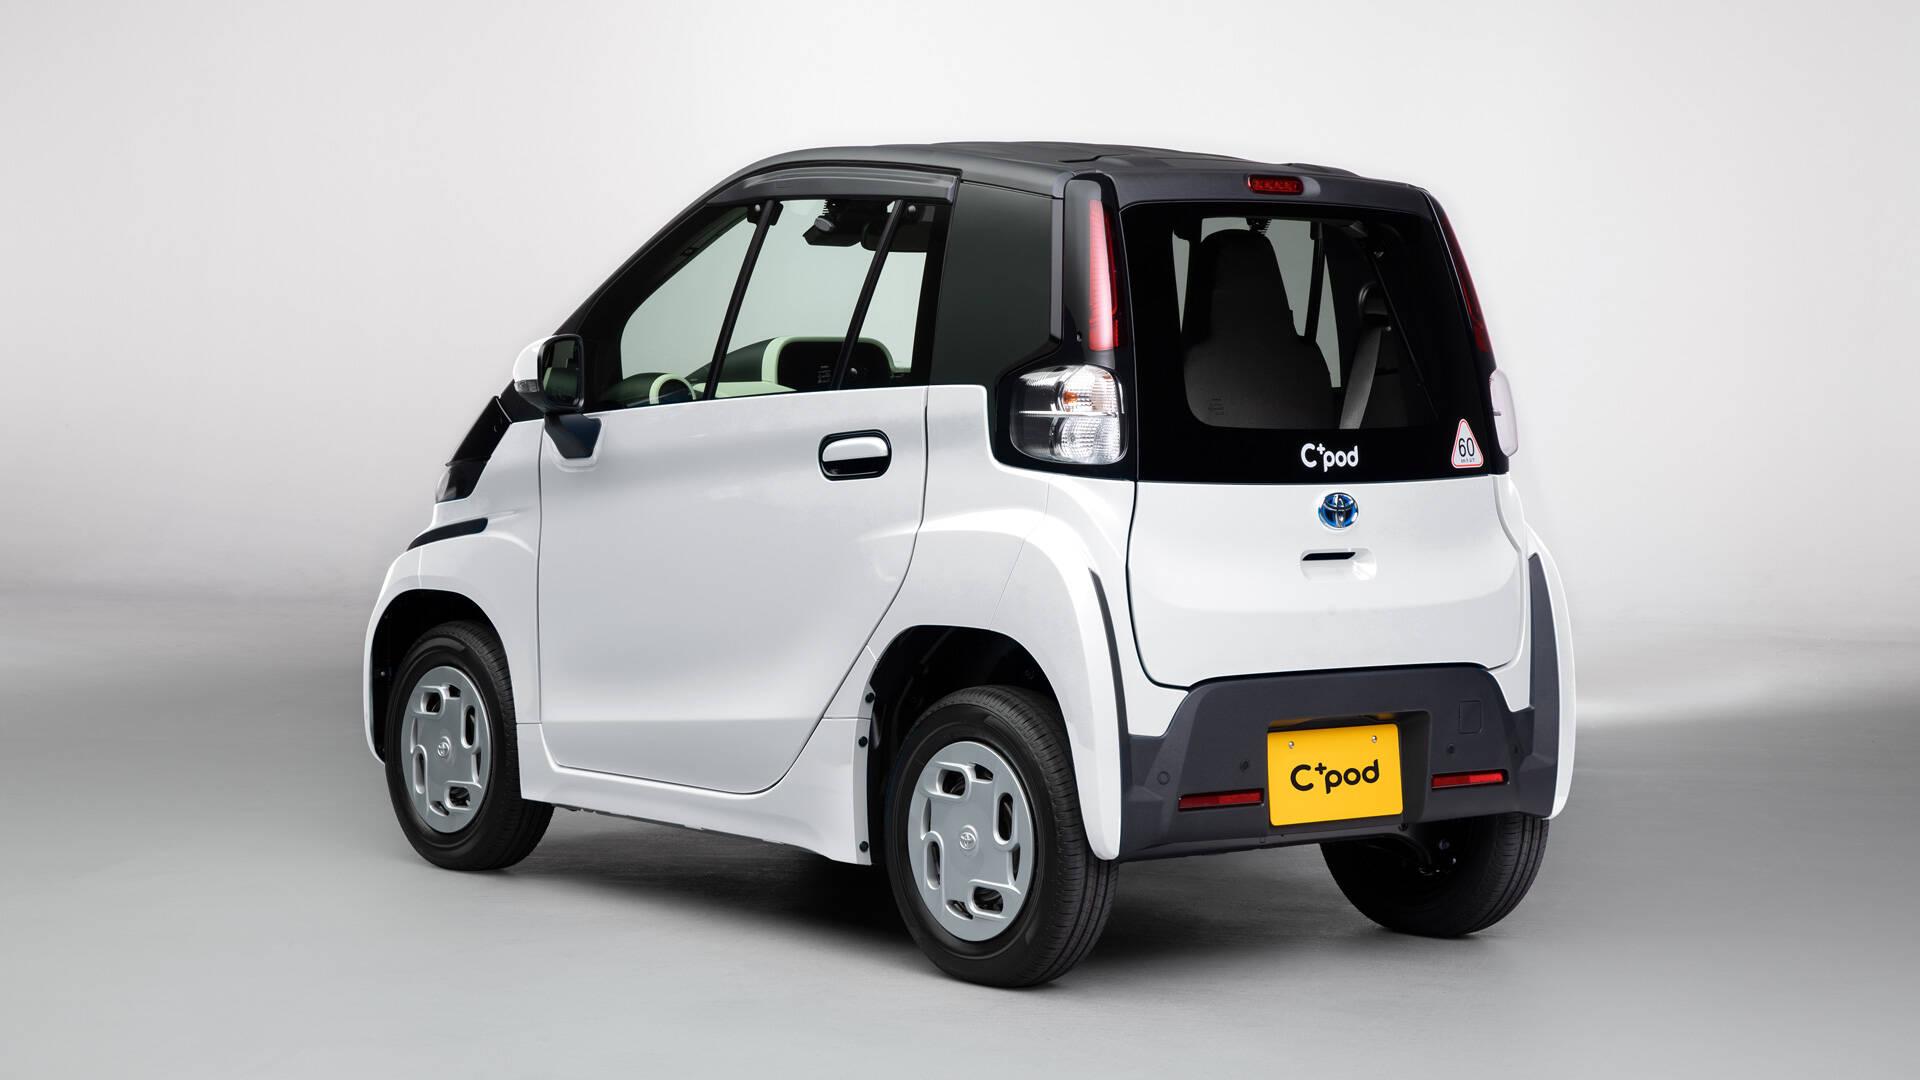 Toyota C+pod. Foto: Divulgação